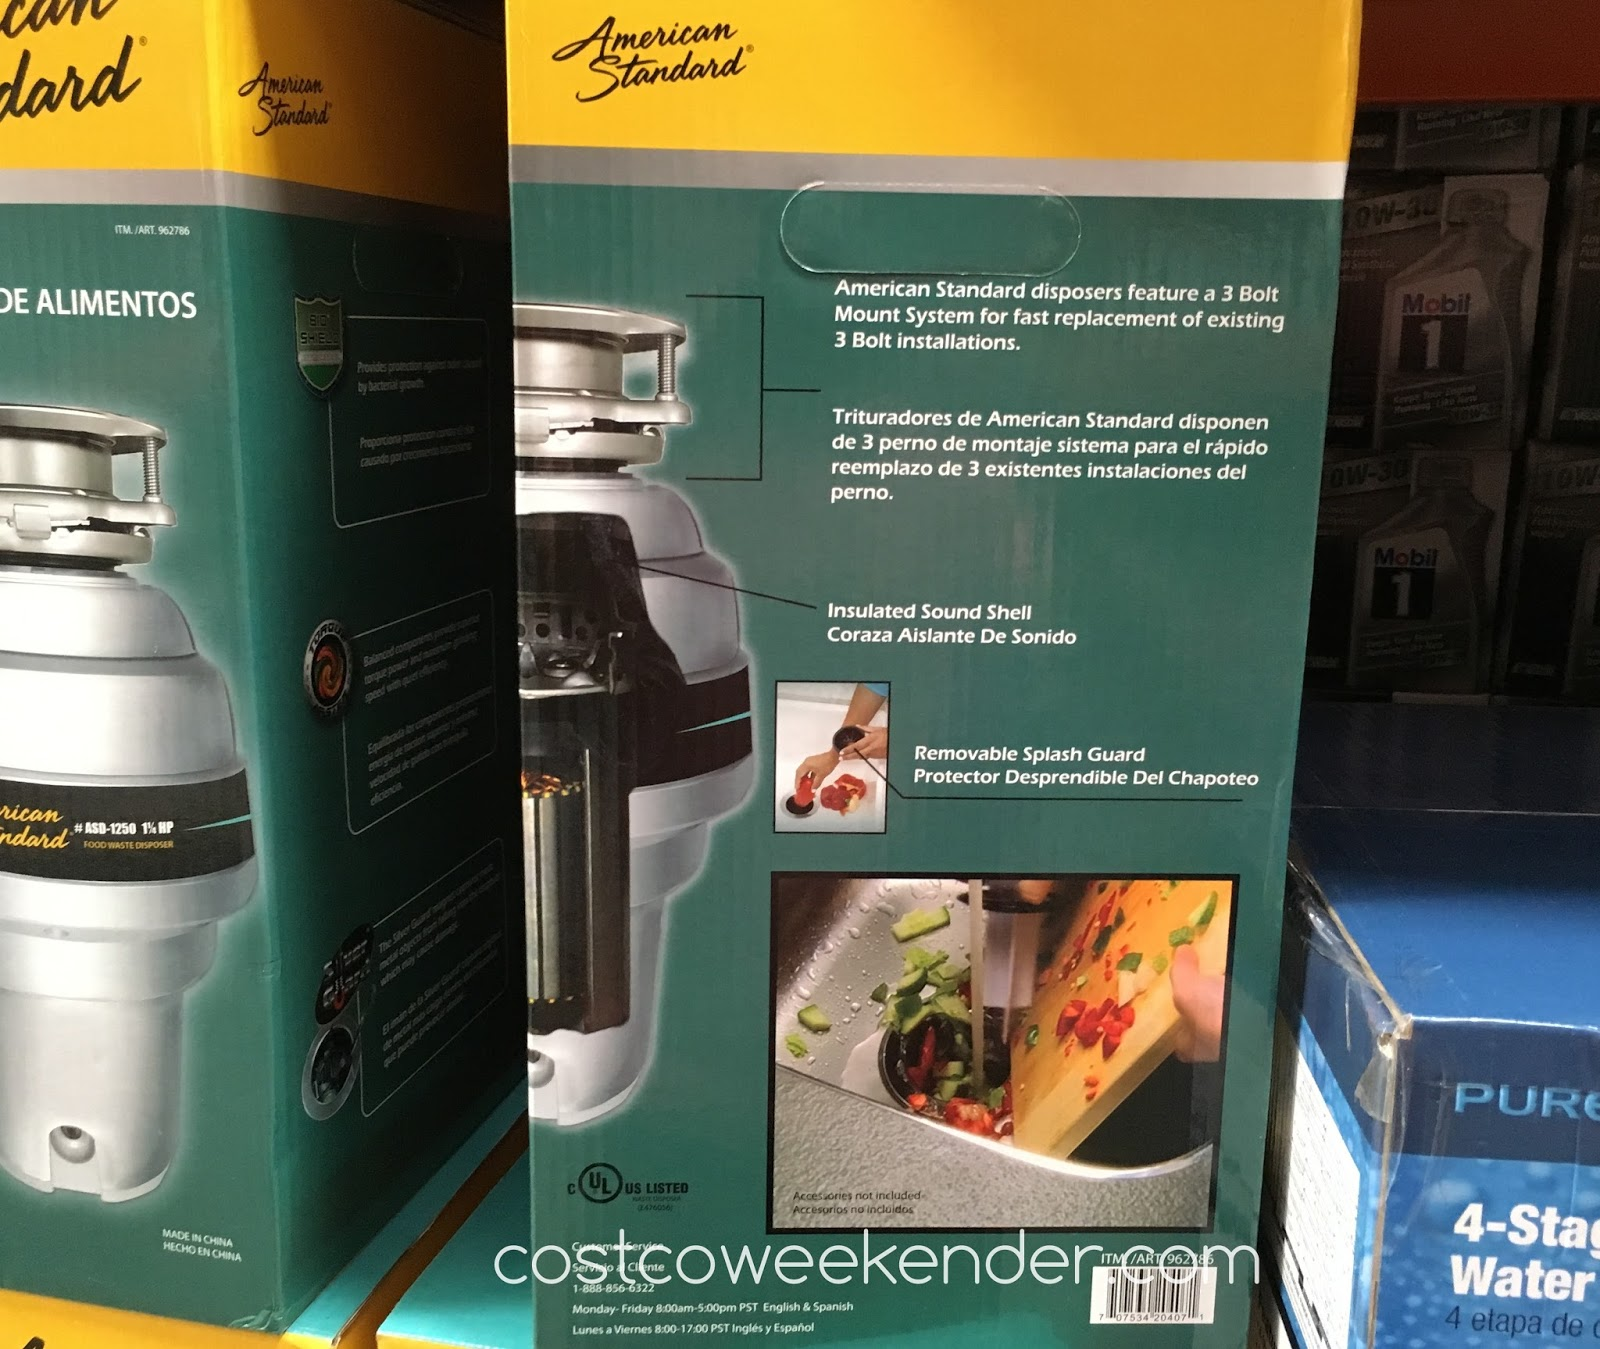 American Standard Asd 1250 Food Waste Disposer Costco Weekender